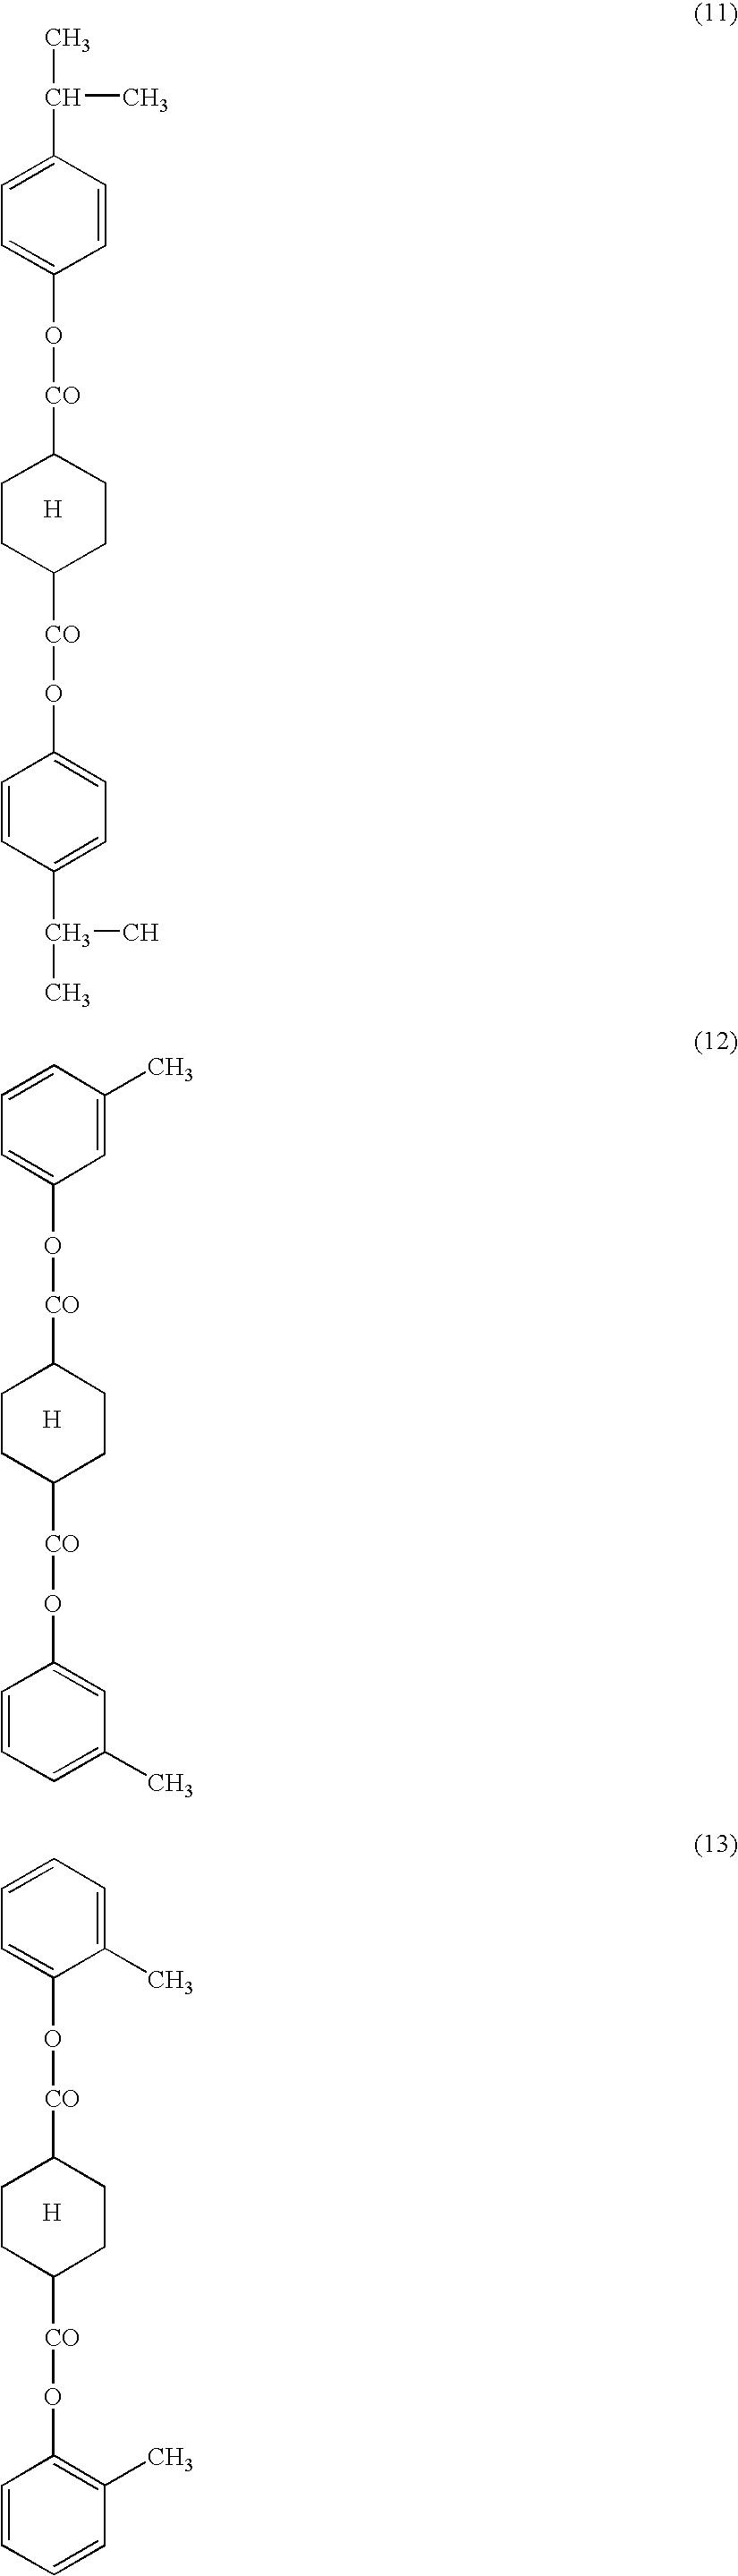 Figure US20090079910A1-20090326-C00005